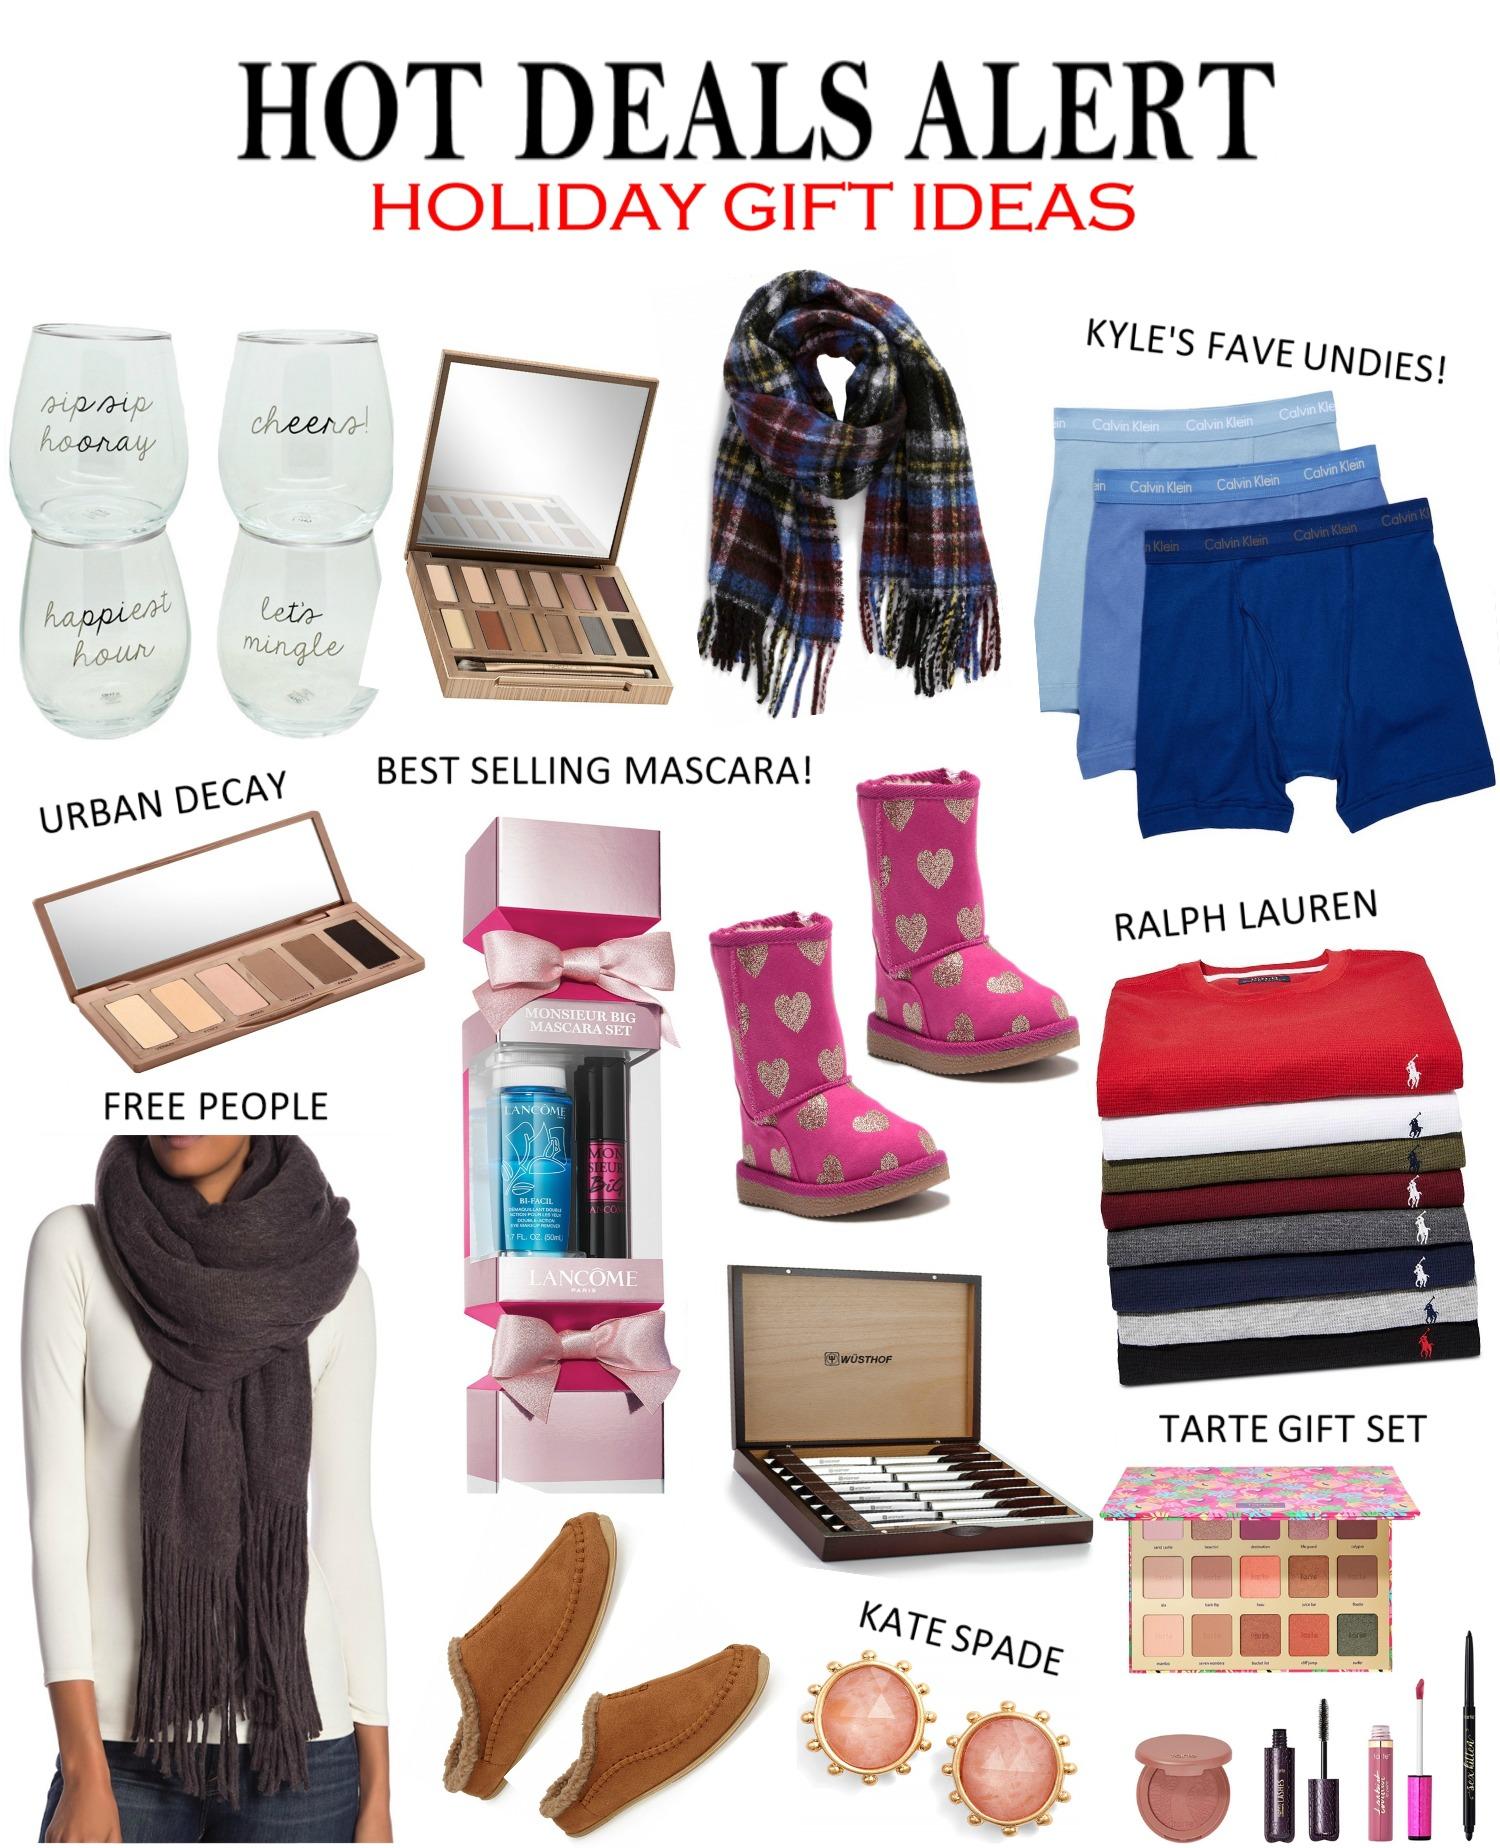 6d8654d131cda Gift Guide   HOT DEALS ALERT - The Sister Studio